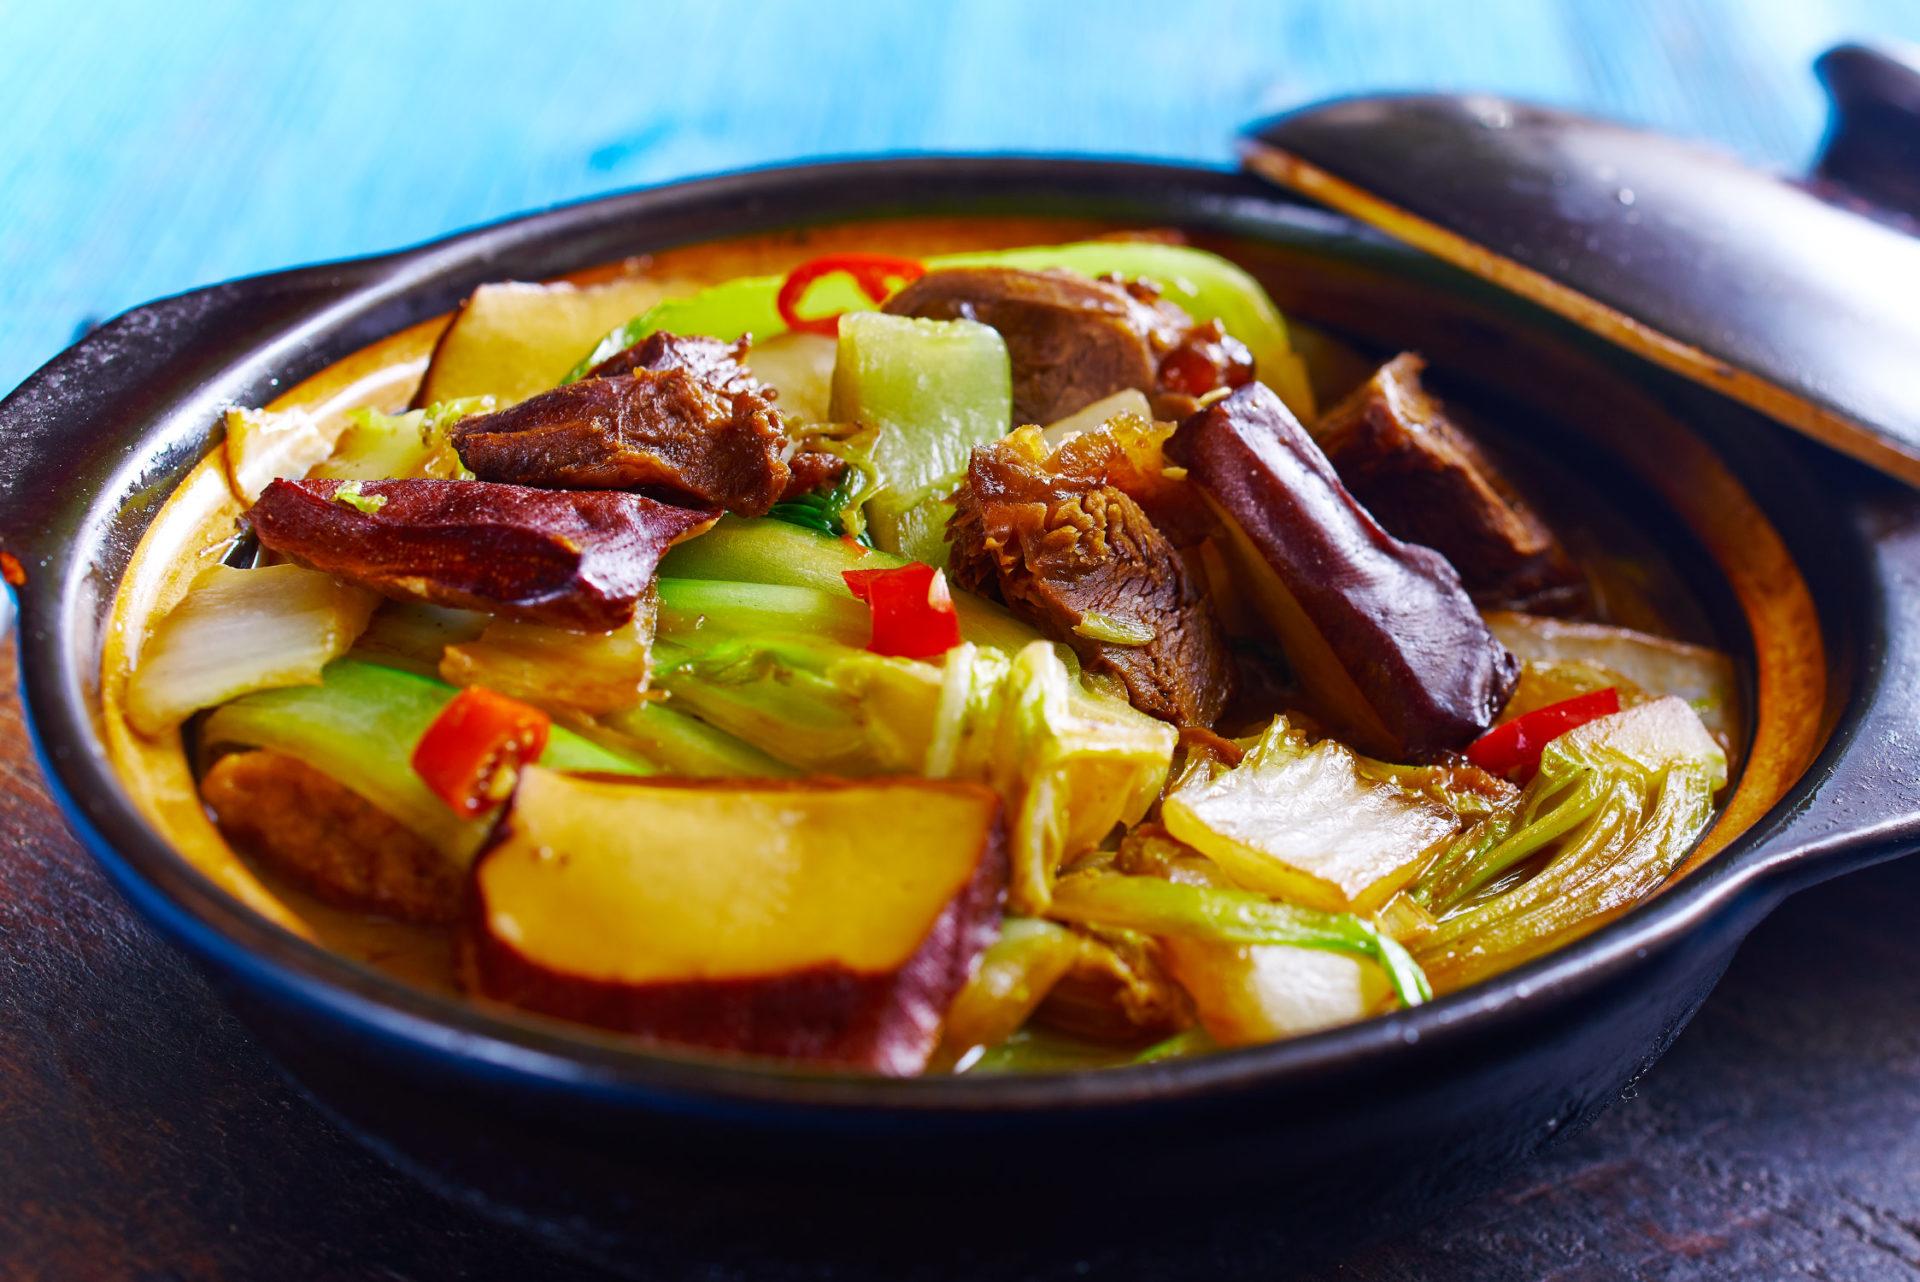 Lamm im Tontopf mit Ingwer, Knoblauch, Gemüse und Reiswein